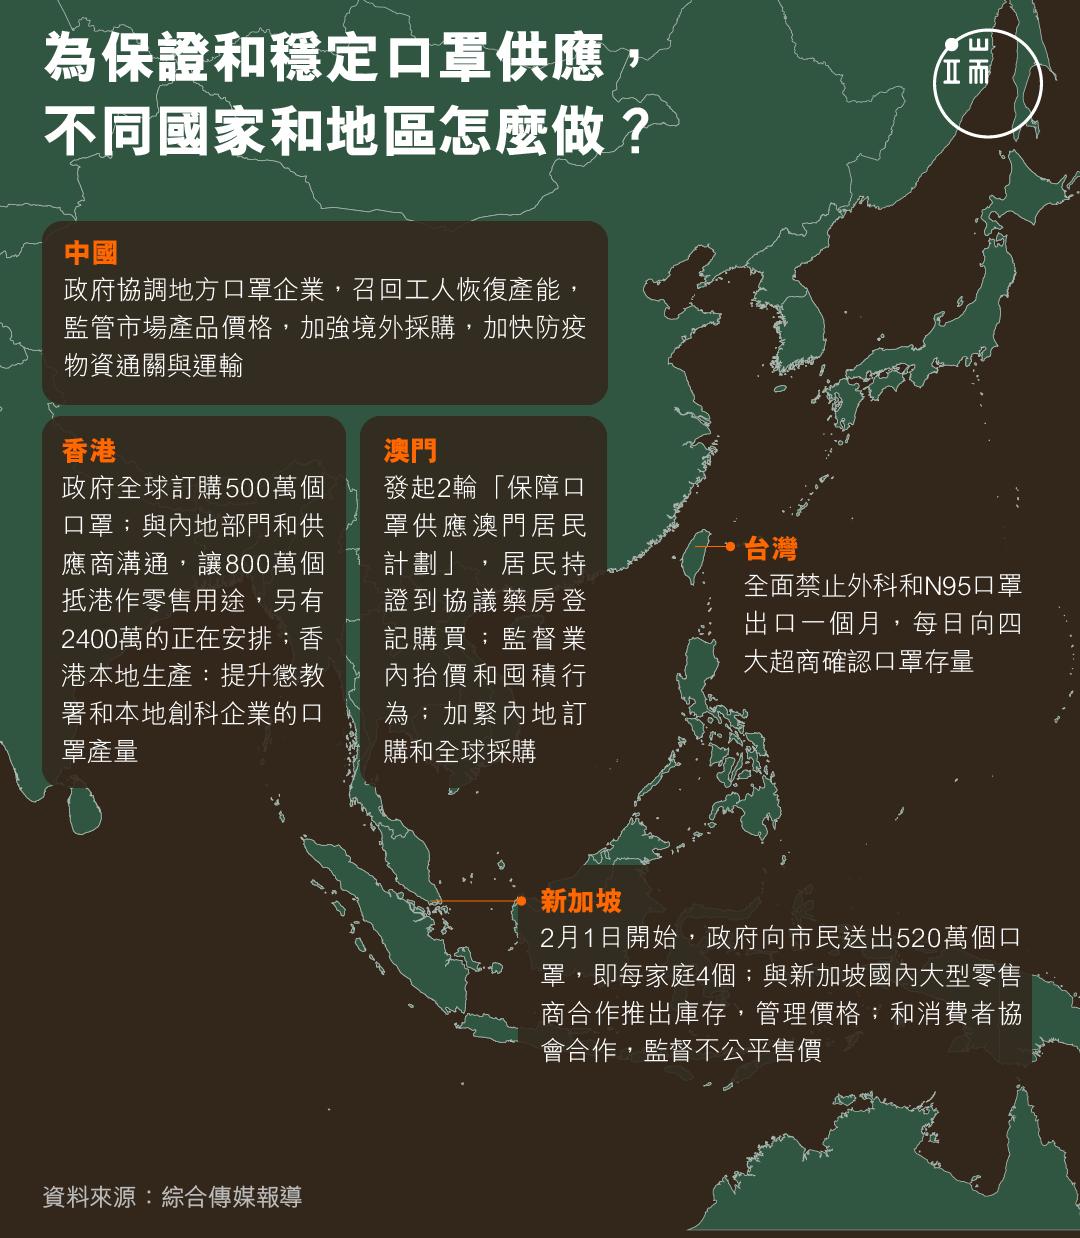 為保證和穩定口罩供應, 不同國家和地區怎麼做?